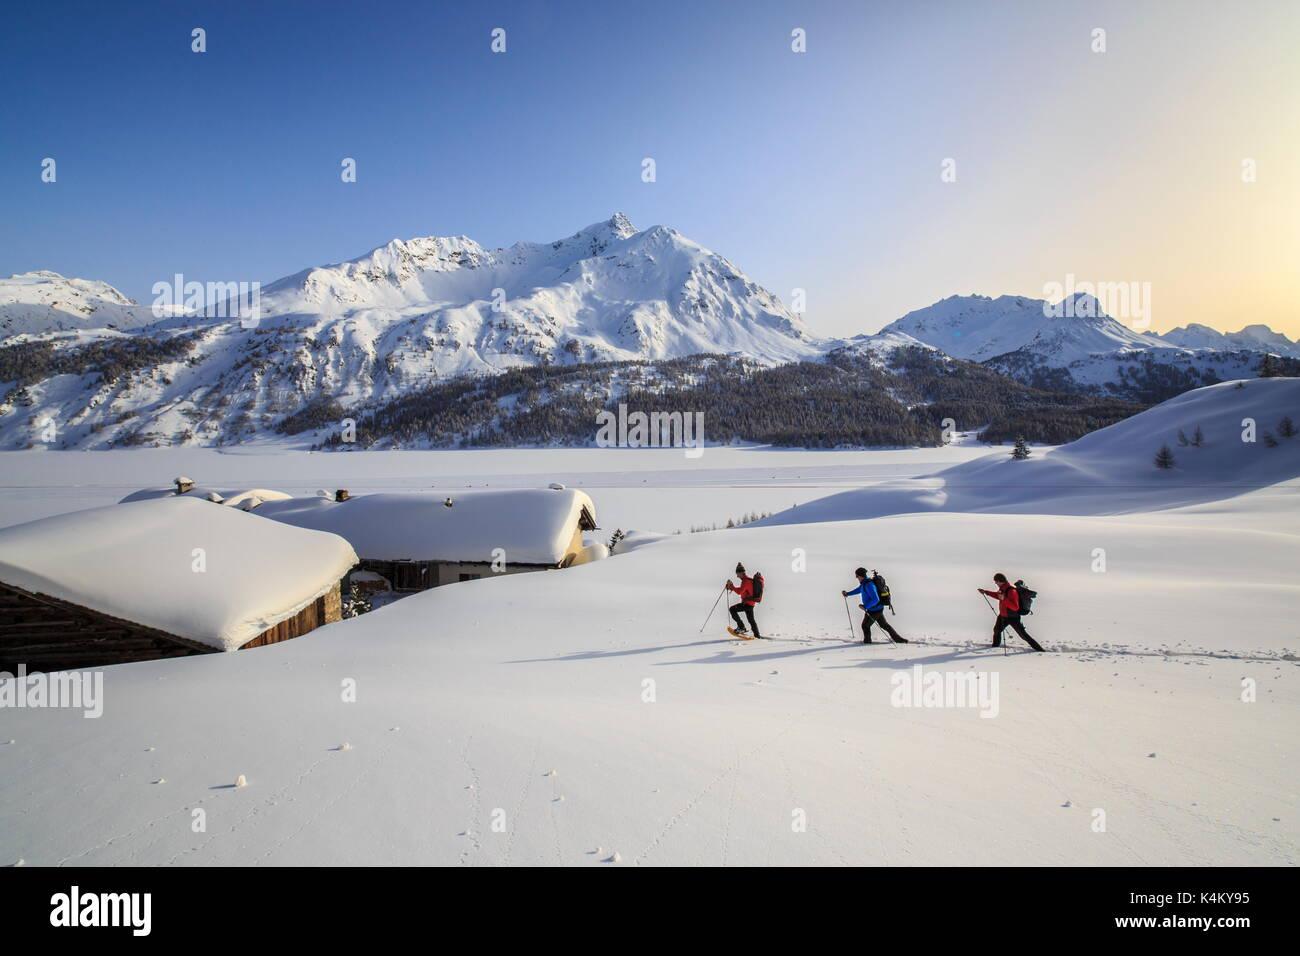 Wanderer auf Schneeschuhen mit Piz da la Margna auf Hintergrund, Spluga, Schweiz Stockbild